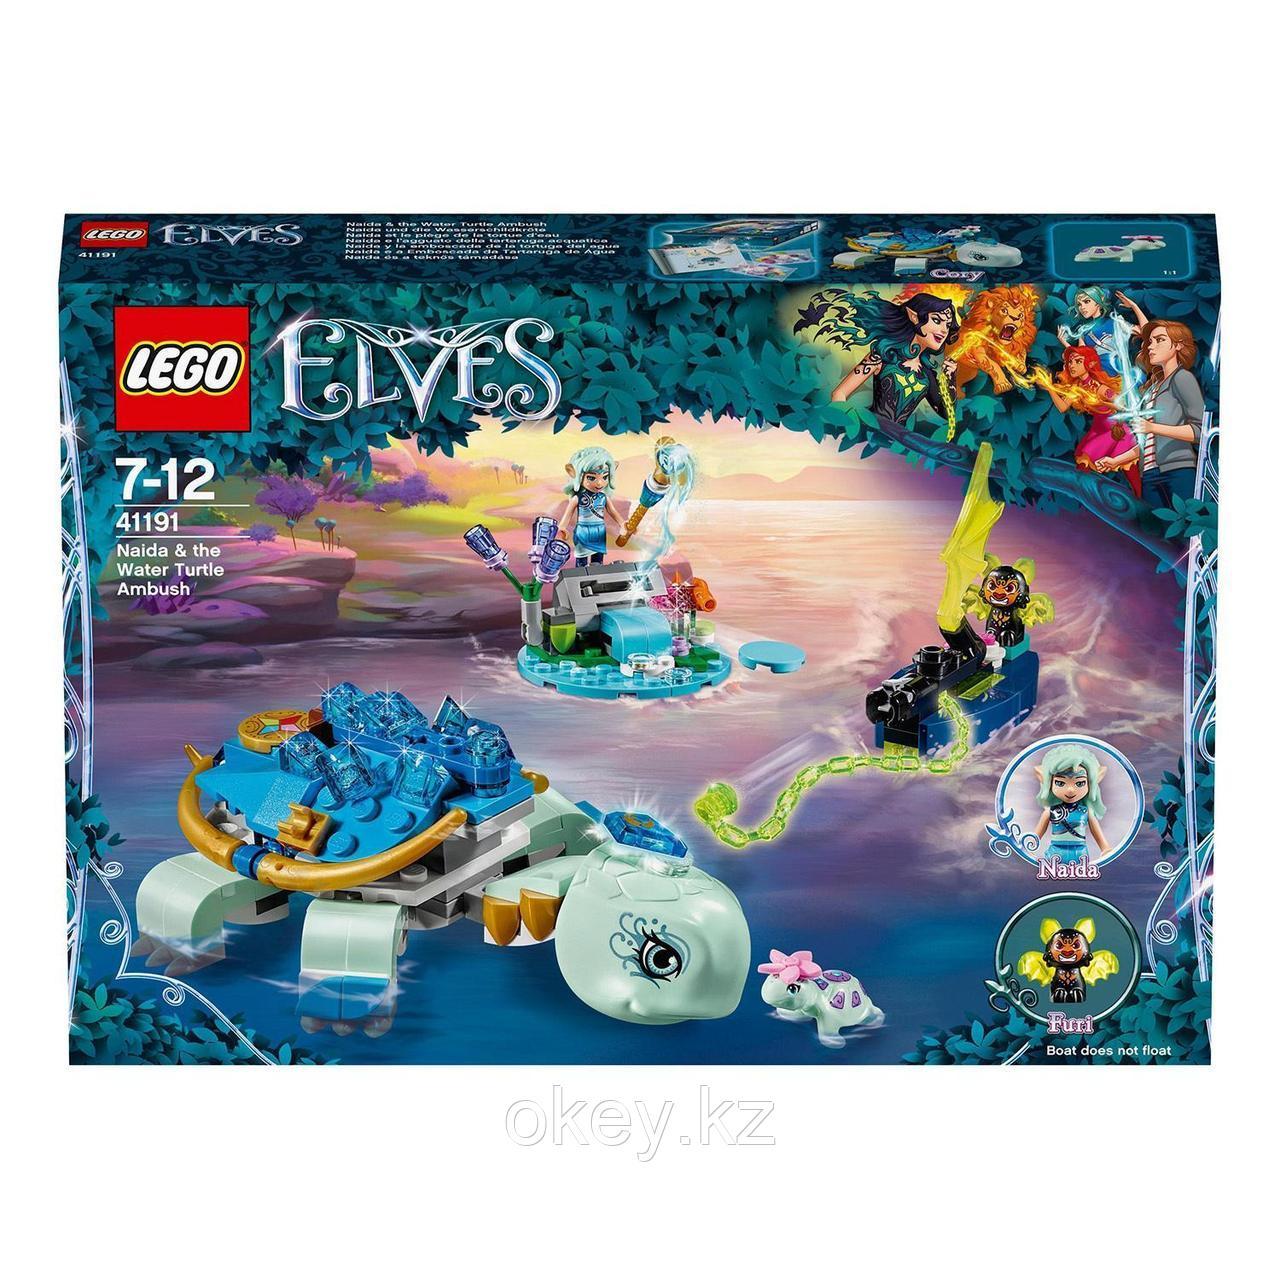 LEGO Elves: Засада Наиды и водяной черепахи 41191